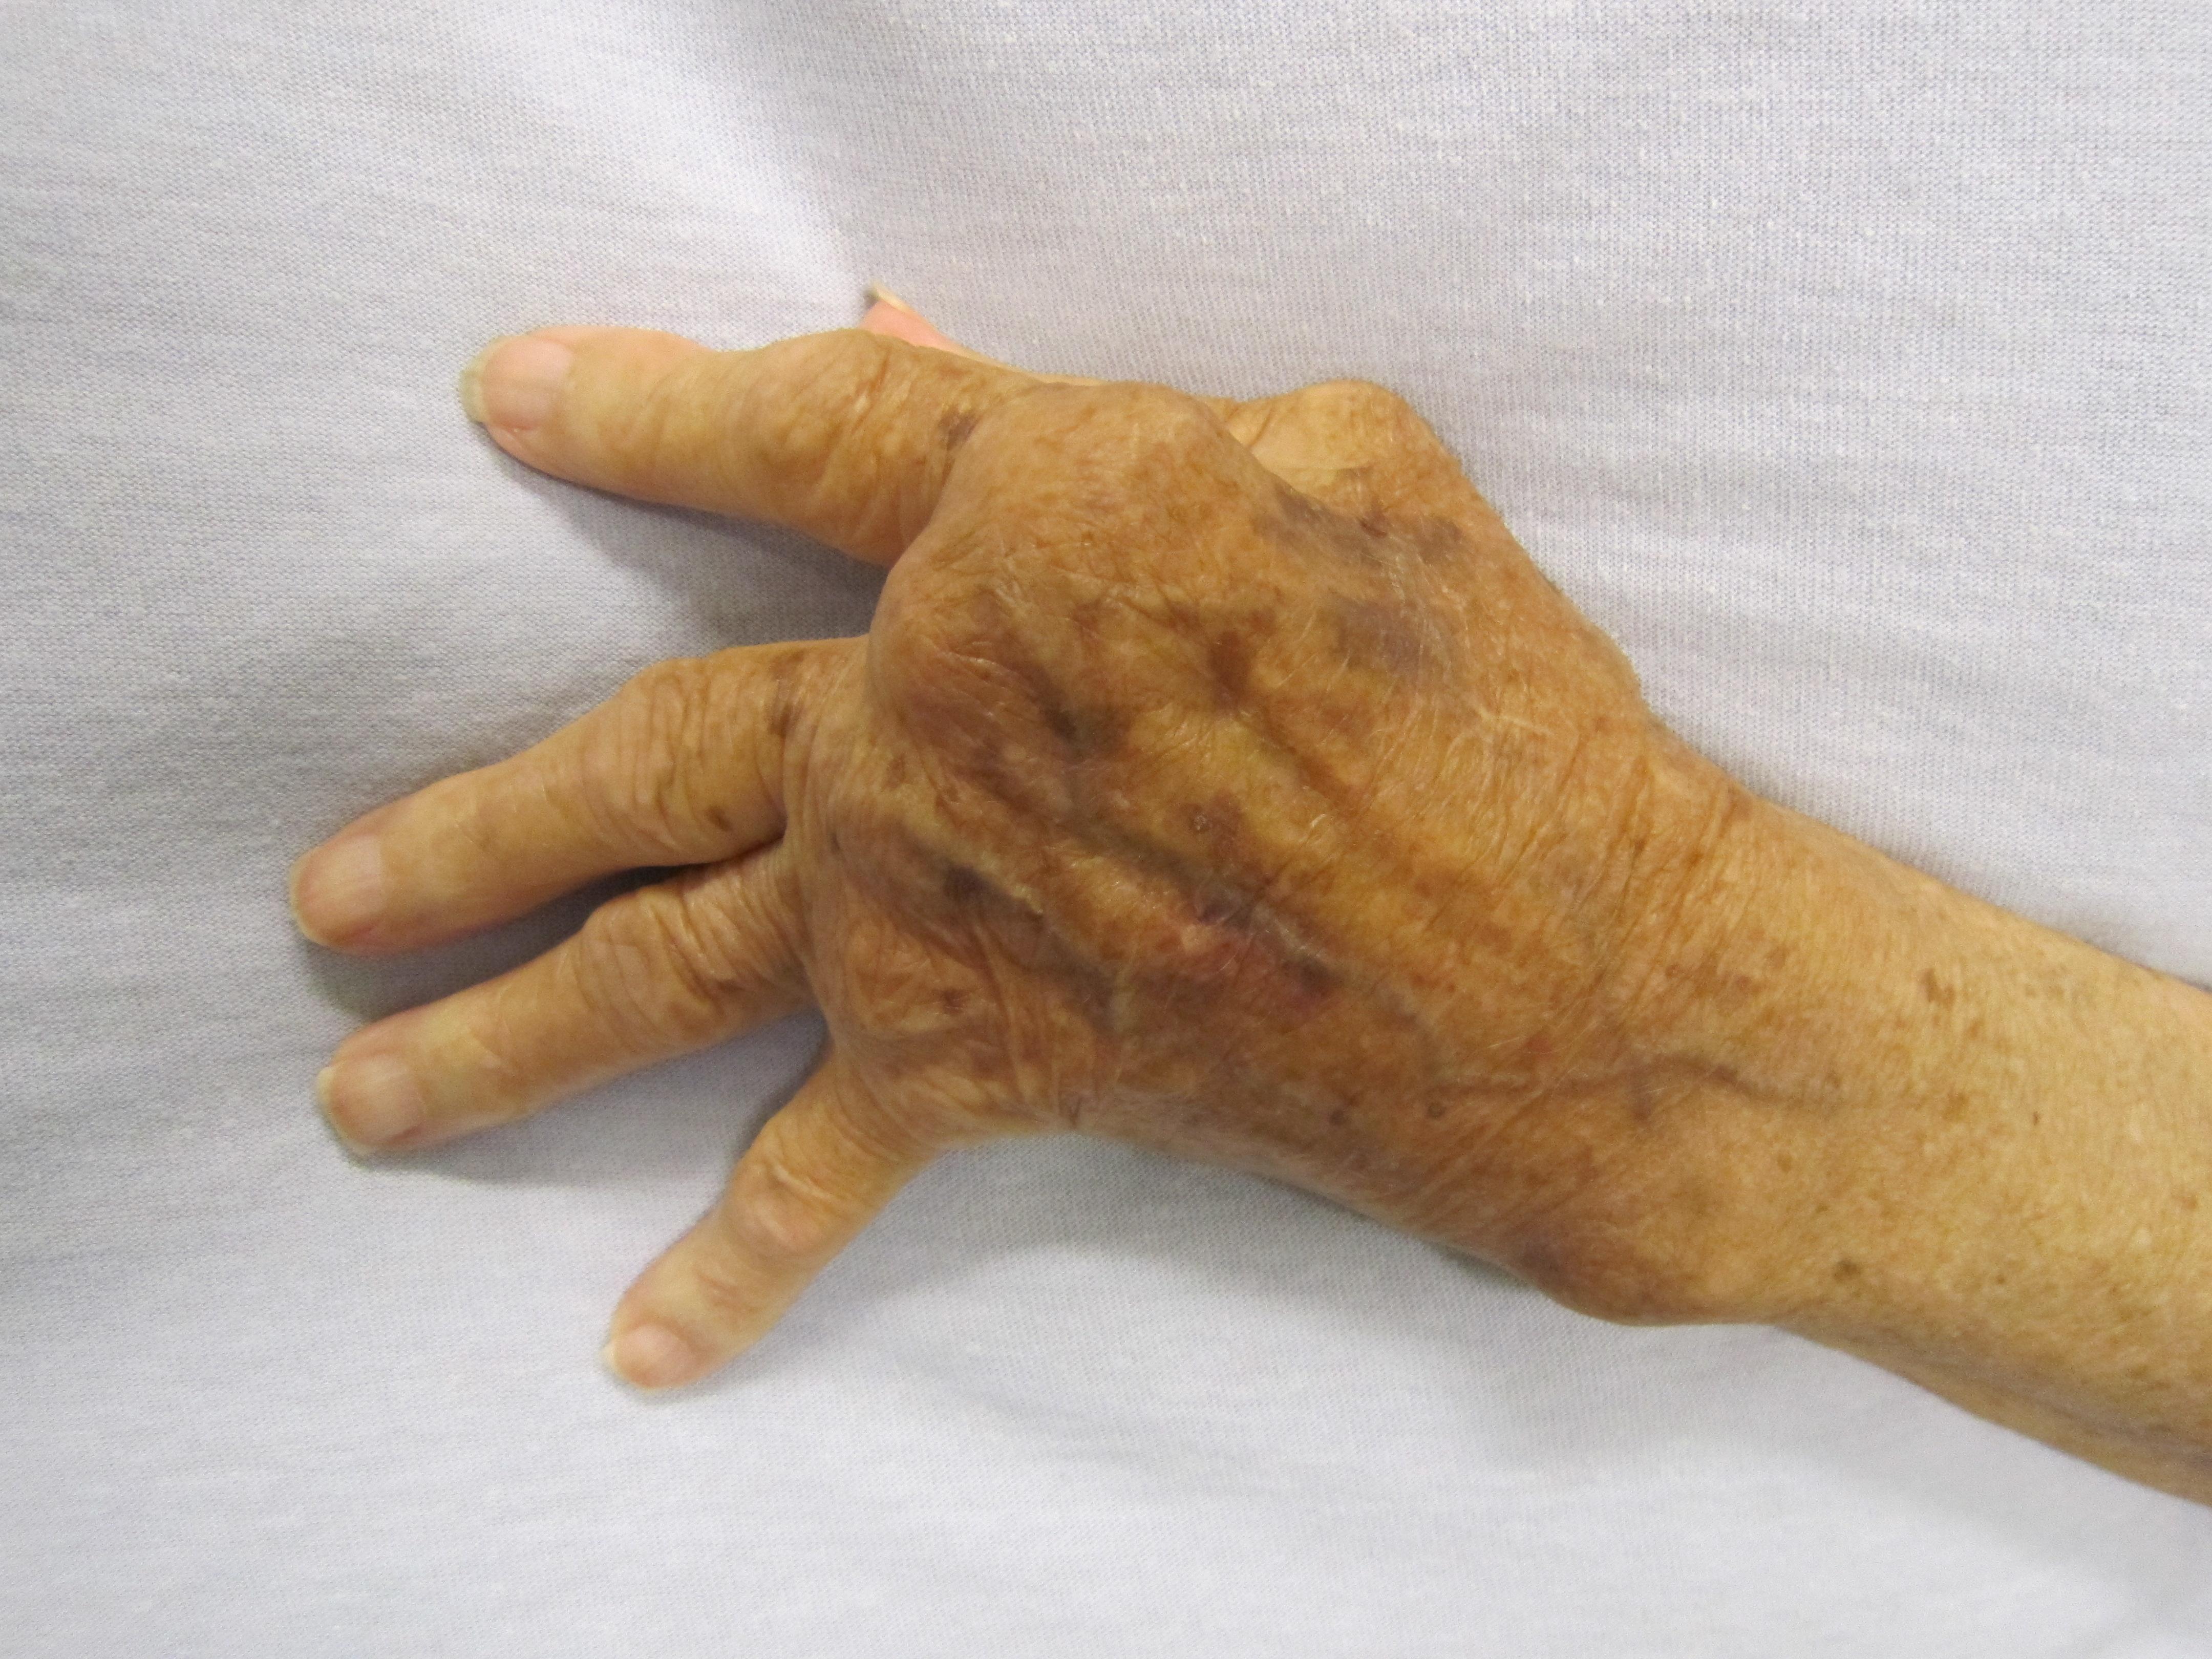 kezületi artritisz kezdeti stádiuma ízületi fájdalom és térdfájdalom